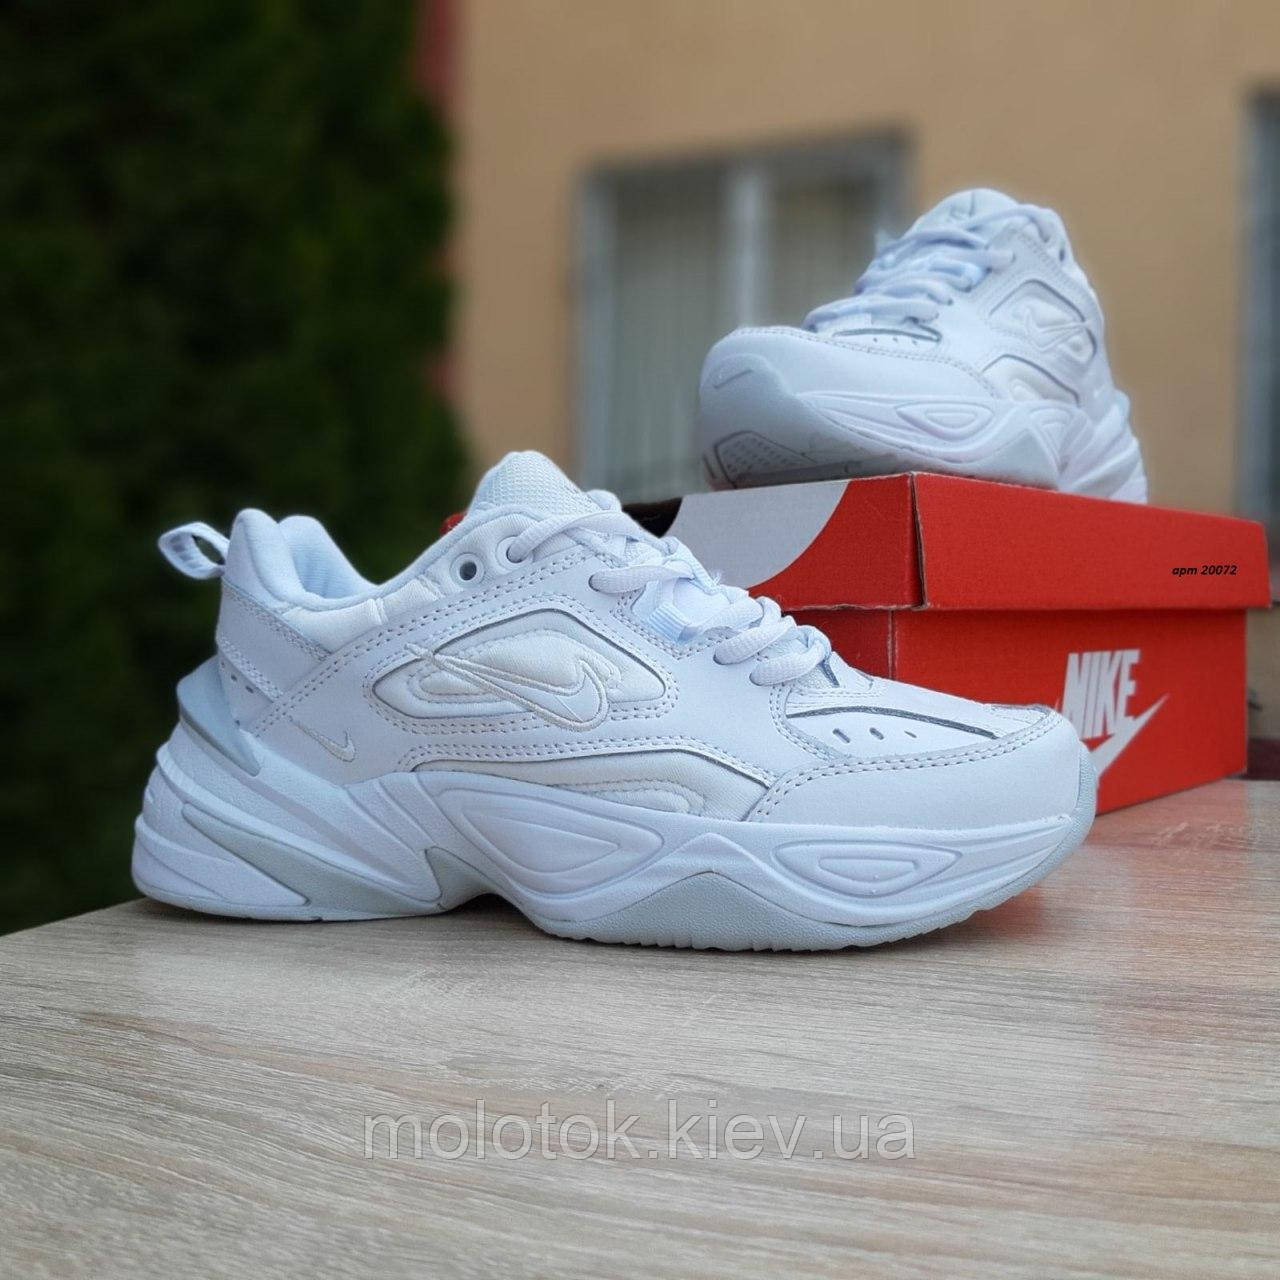 Жіночі кросівки в стилі Nike M2K Tekno білі з сірим